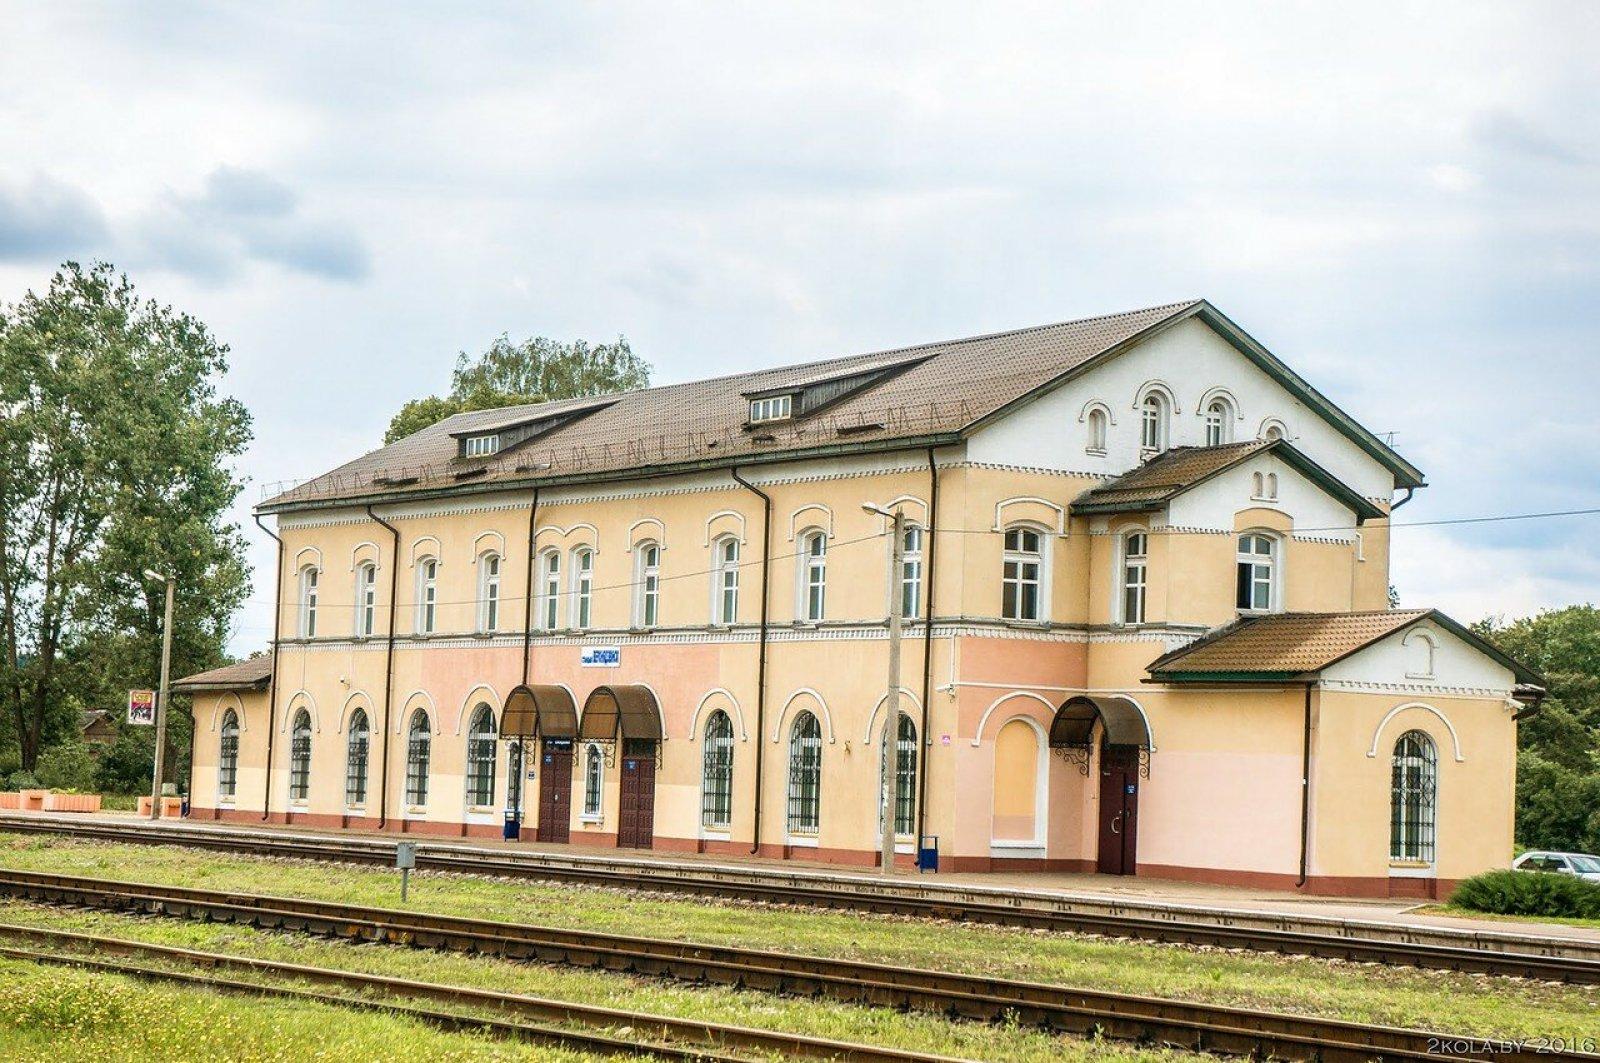 Железнодорожная станция Верхнедвинск на линии Полоцк — Даугавпилс находится в д. Боровка в 2 км